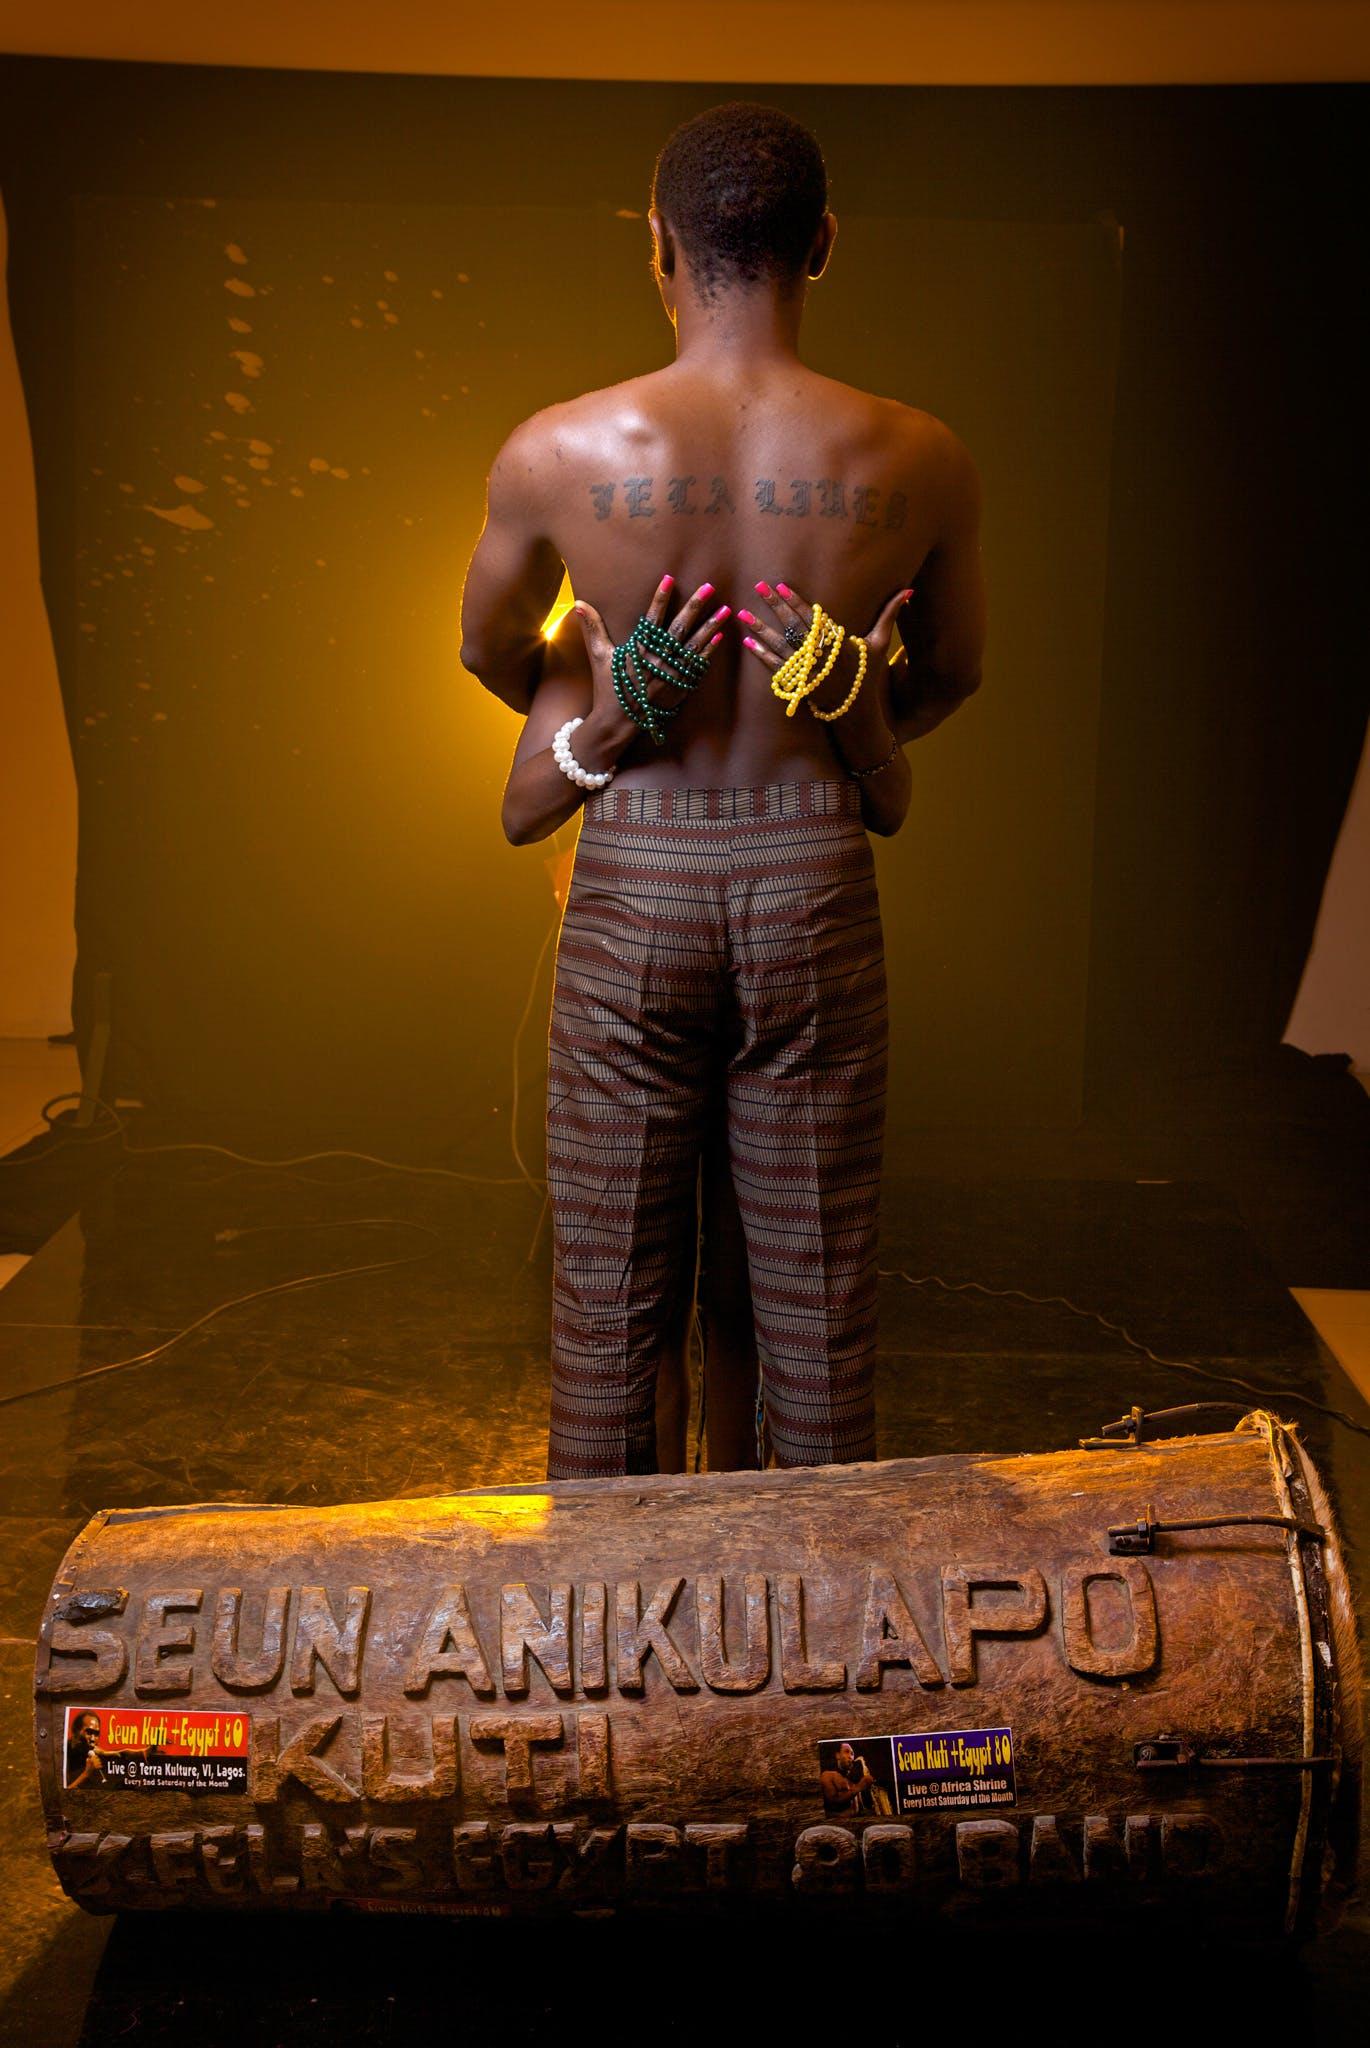 Seun Anikulapo-Kuti